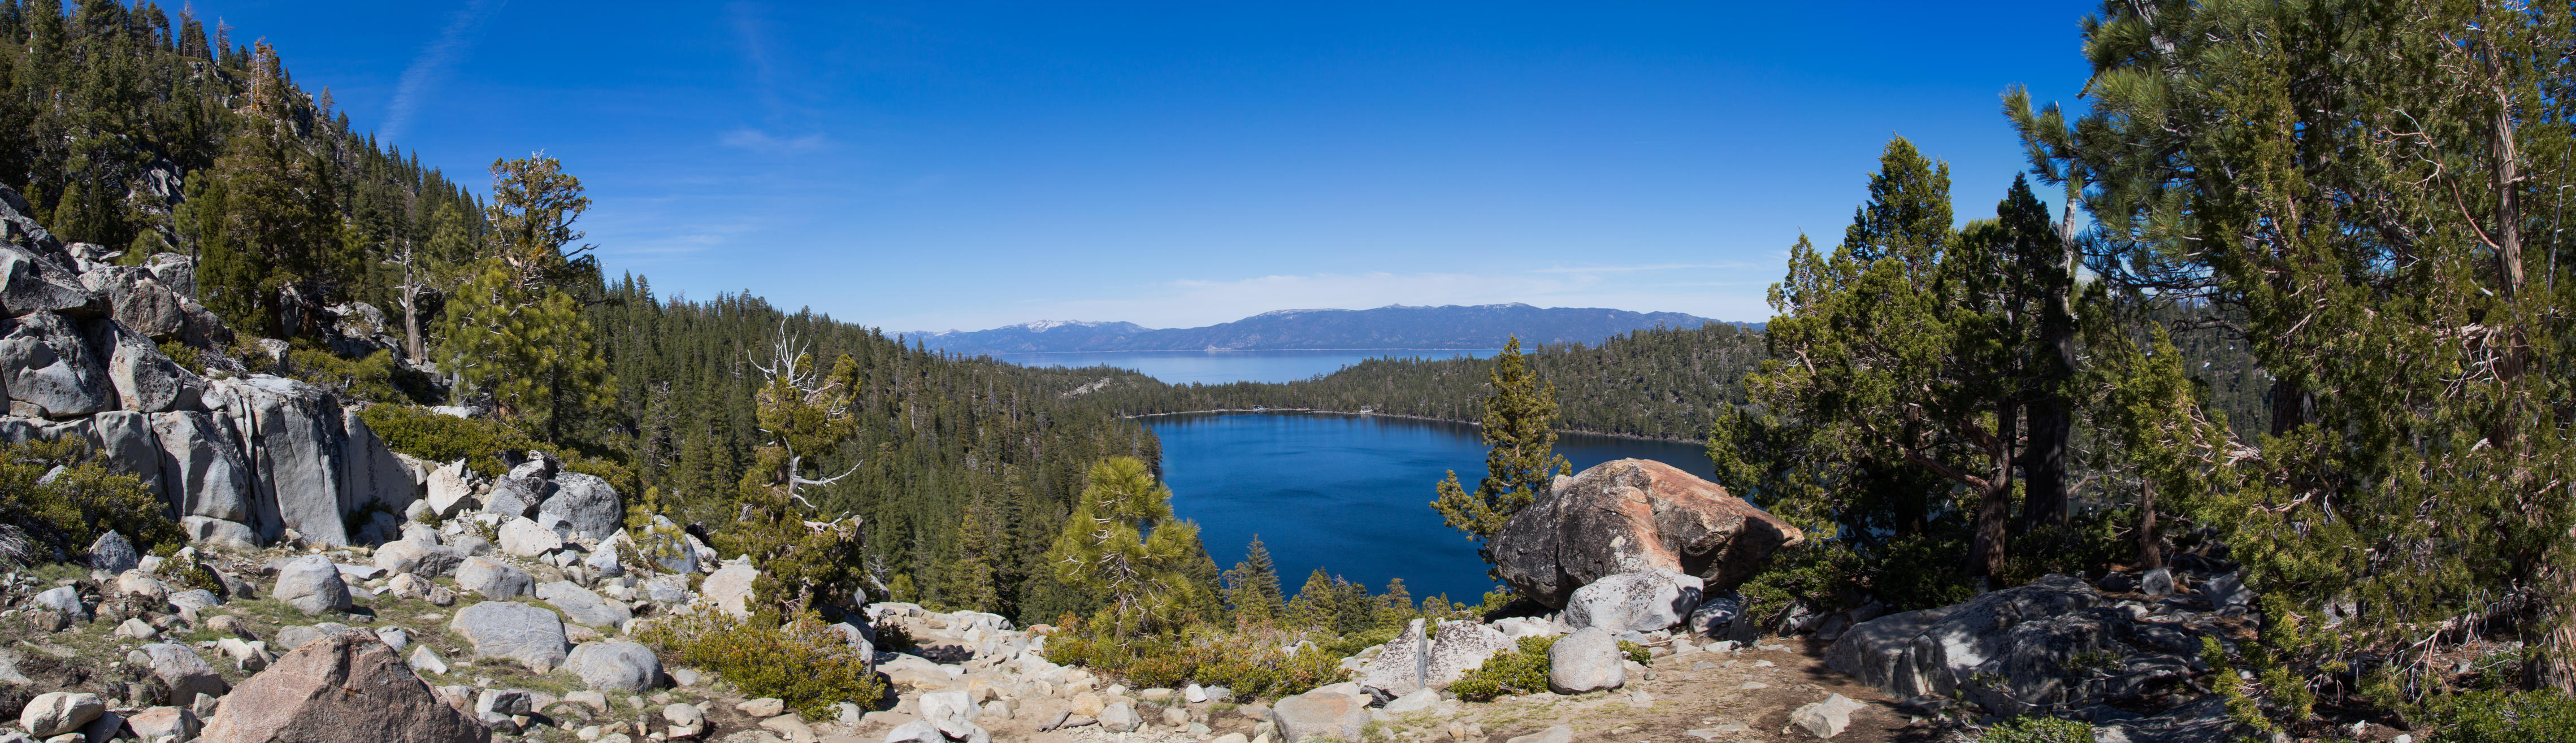 Cascade Lake - Tahoe by BKcore